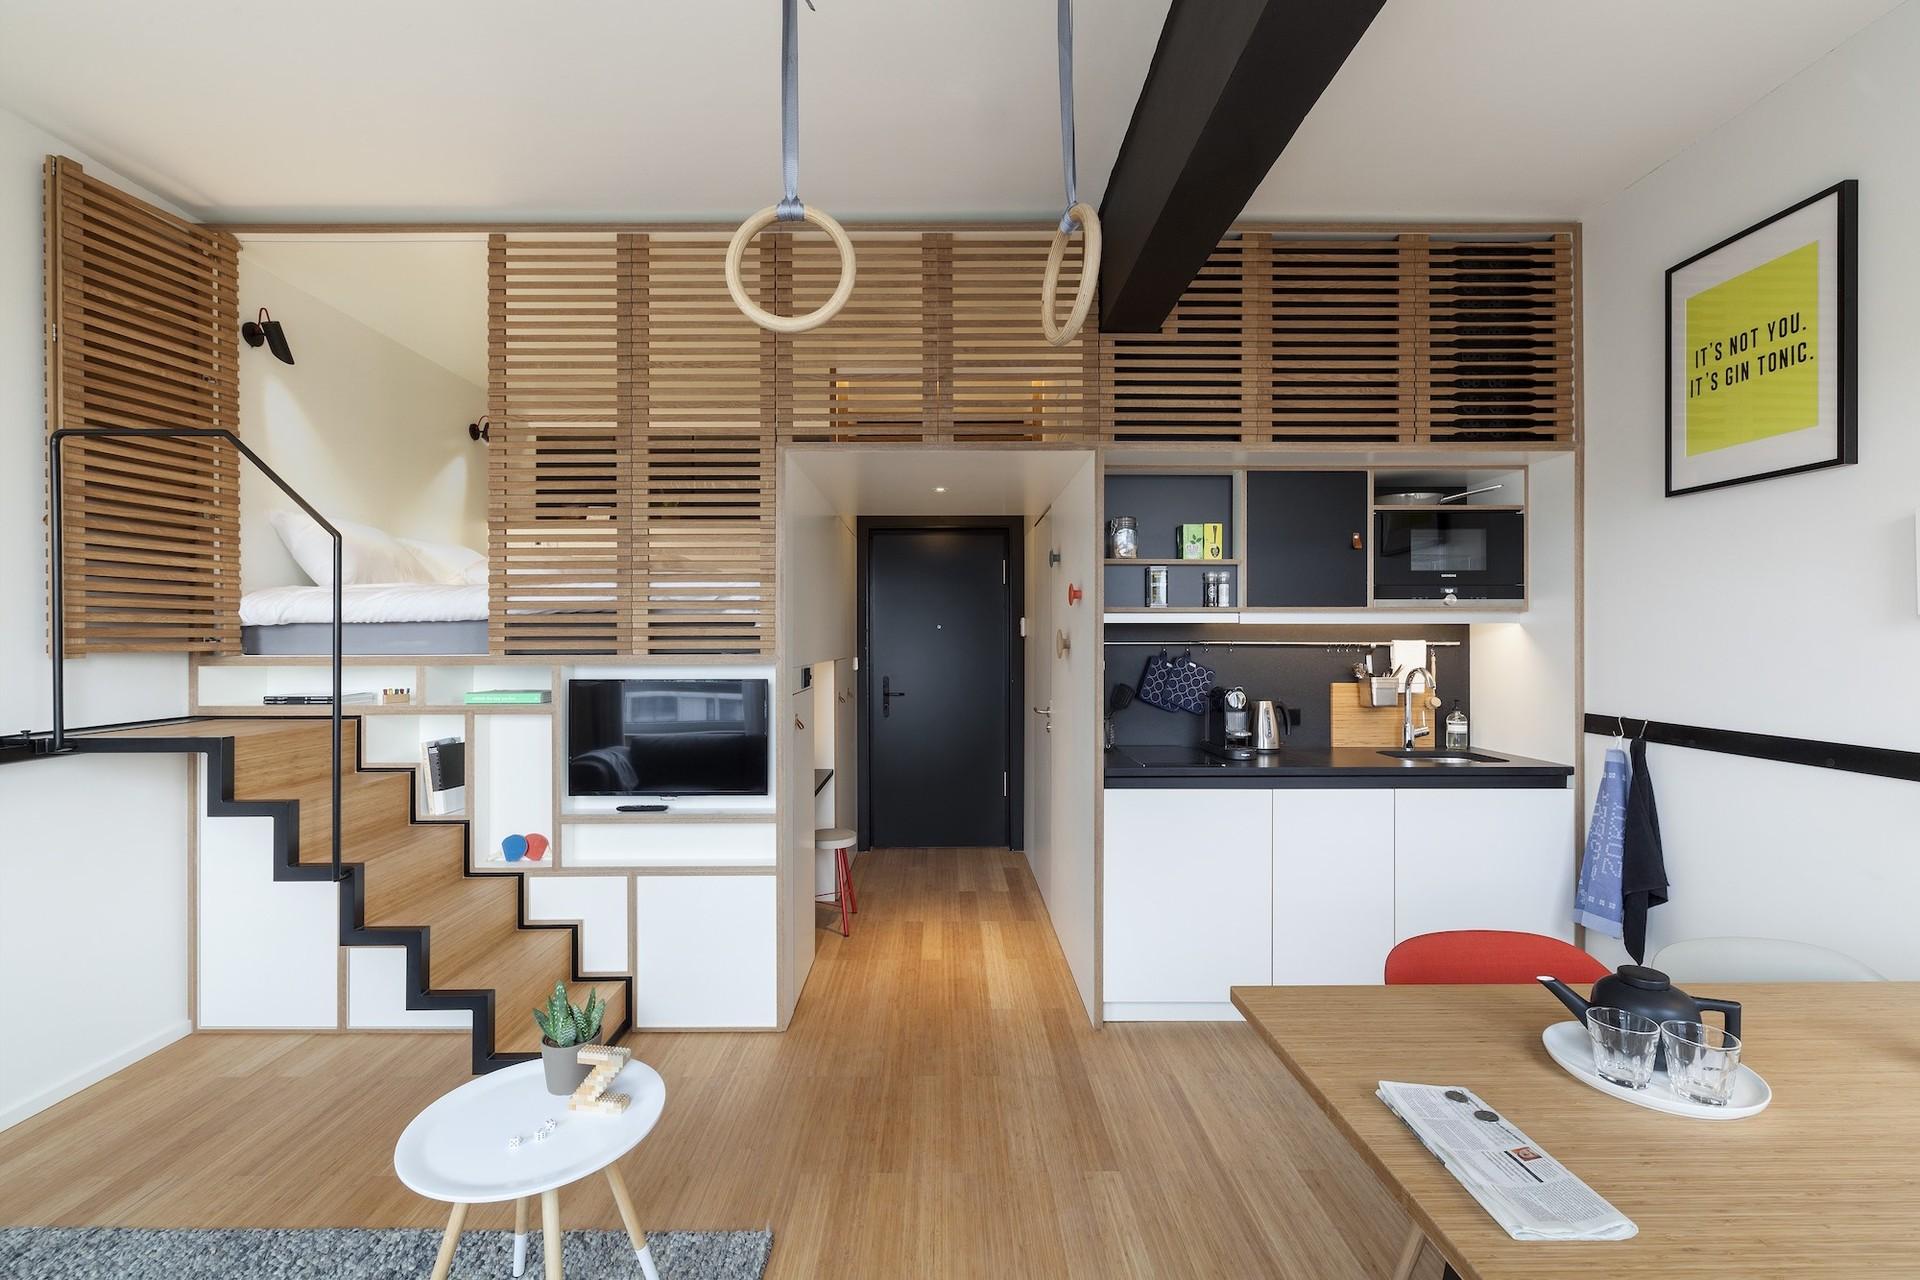 Thiết kế căn hộ nhỏ cho người sống một mình